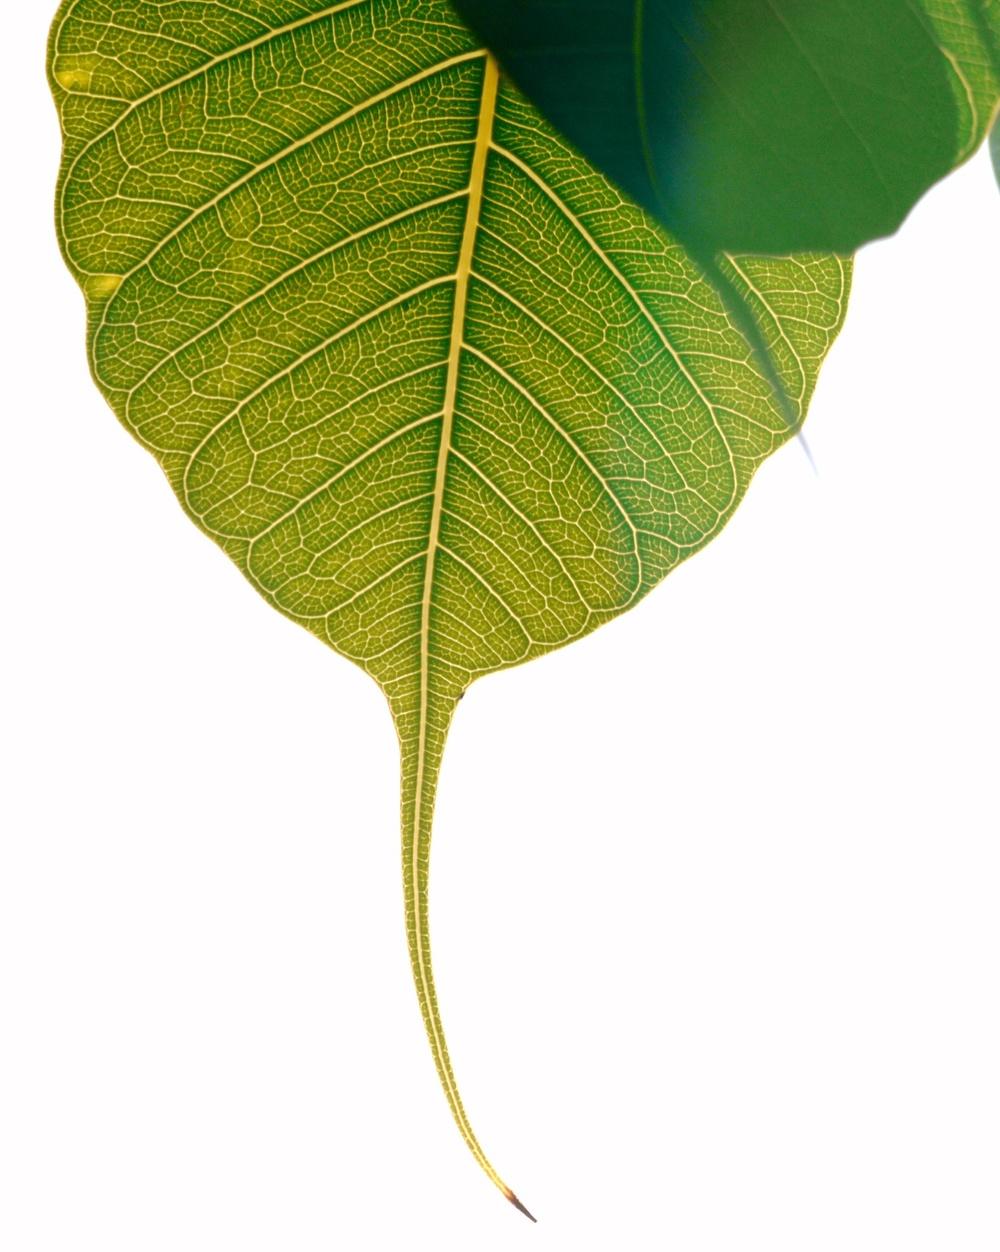 Leaf-Tree of Knowledge